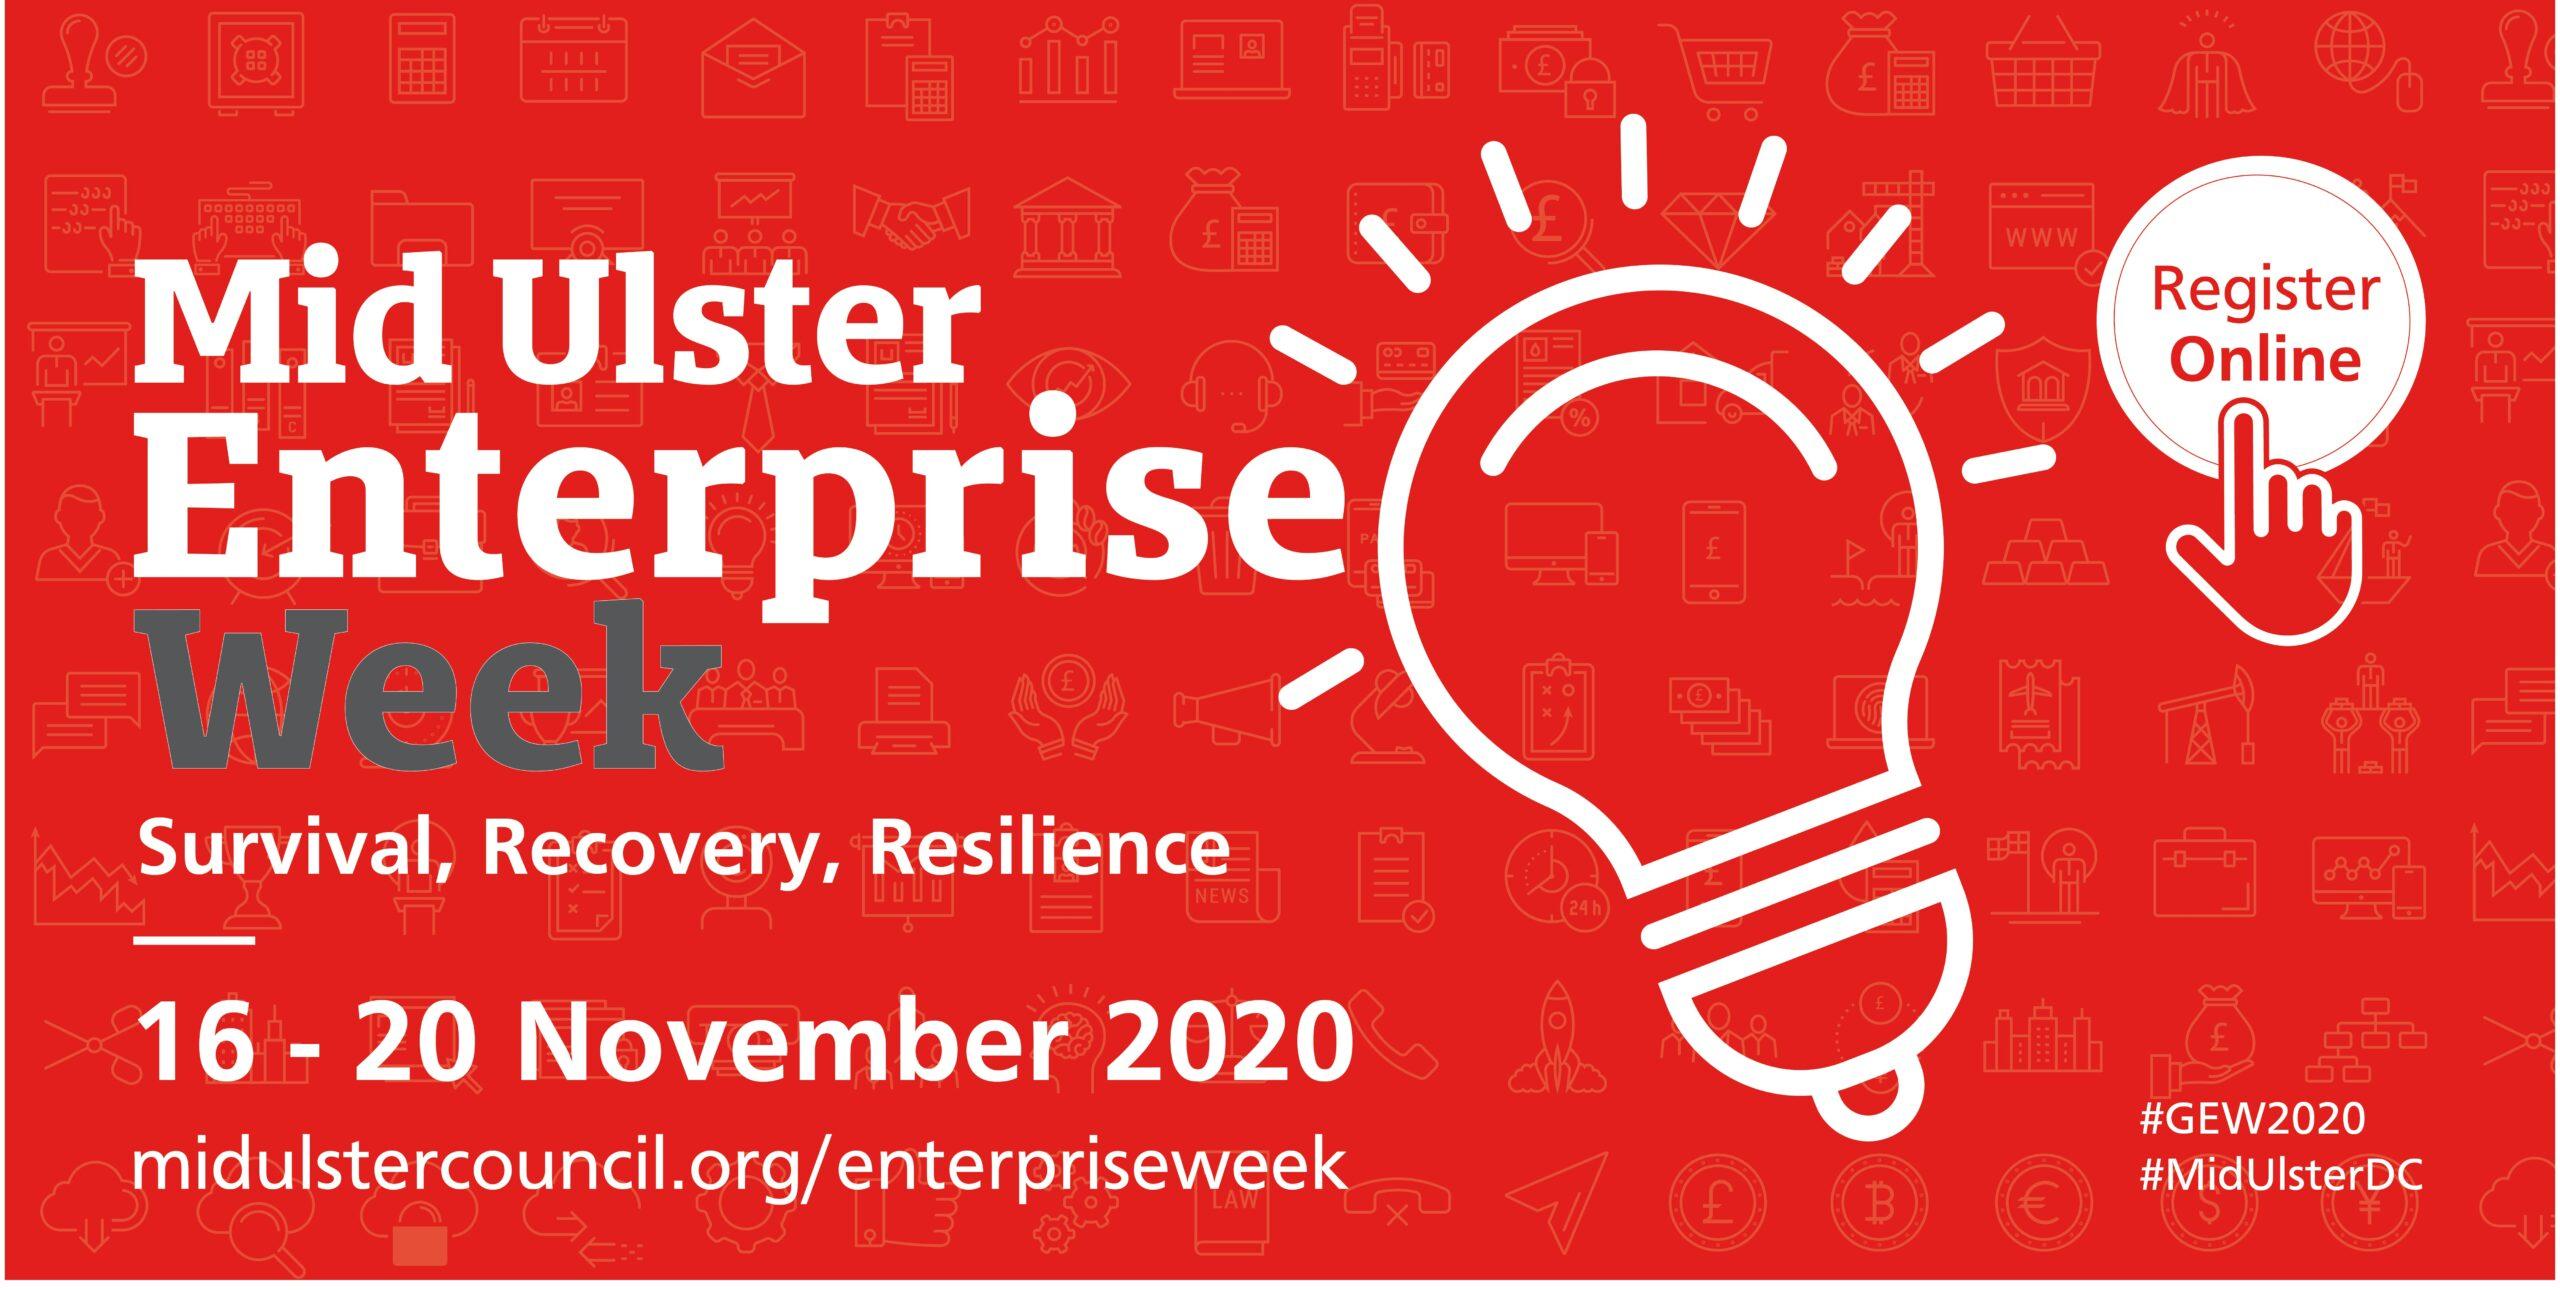 Link to Mid Ulster Enterprise Week 2020 post